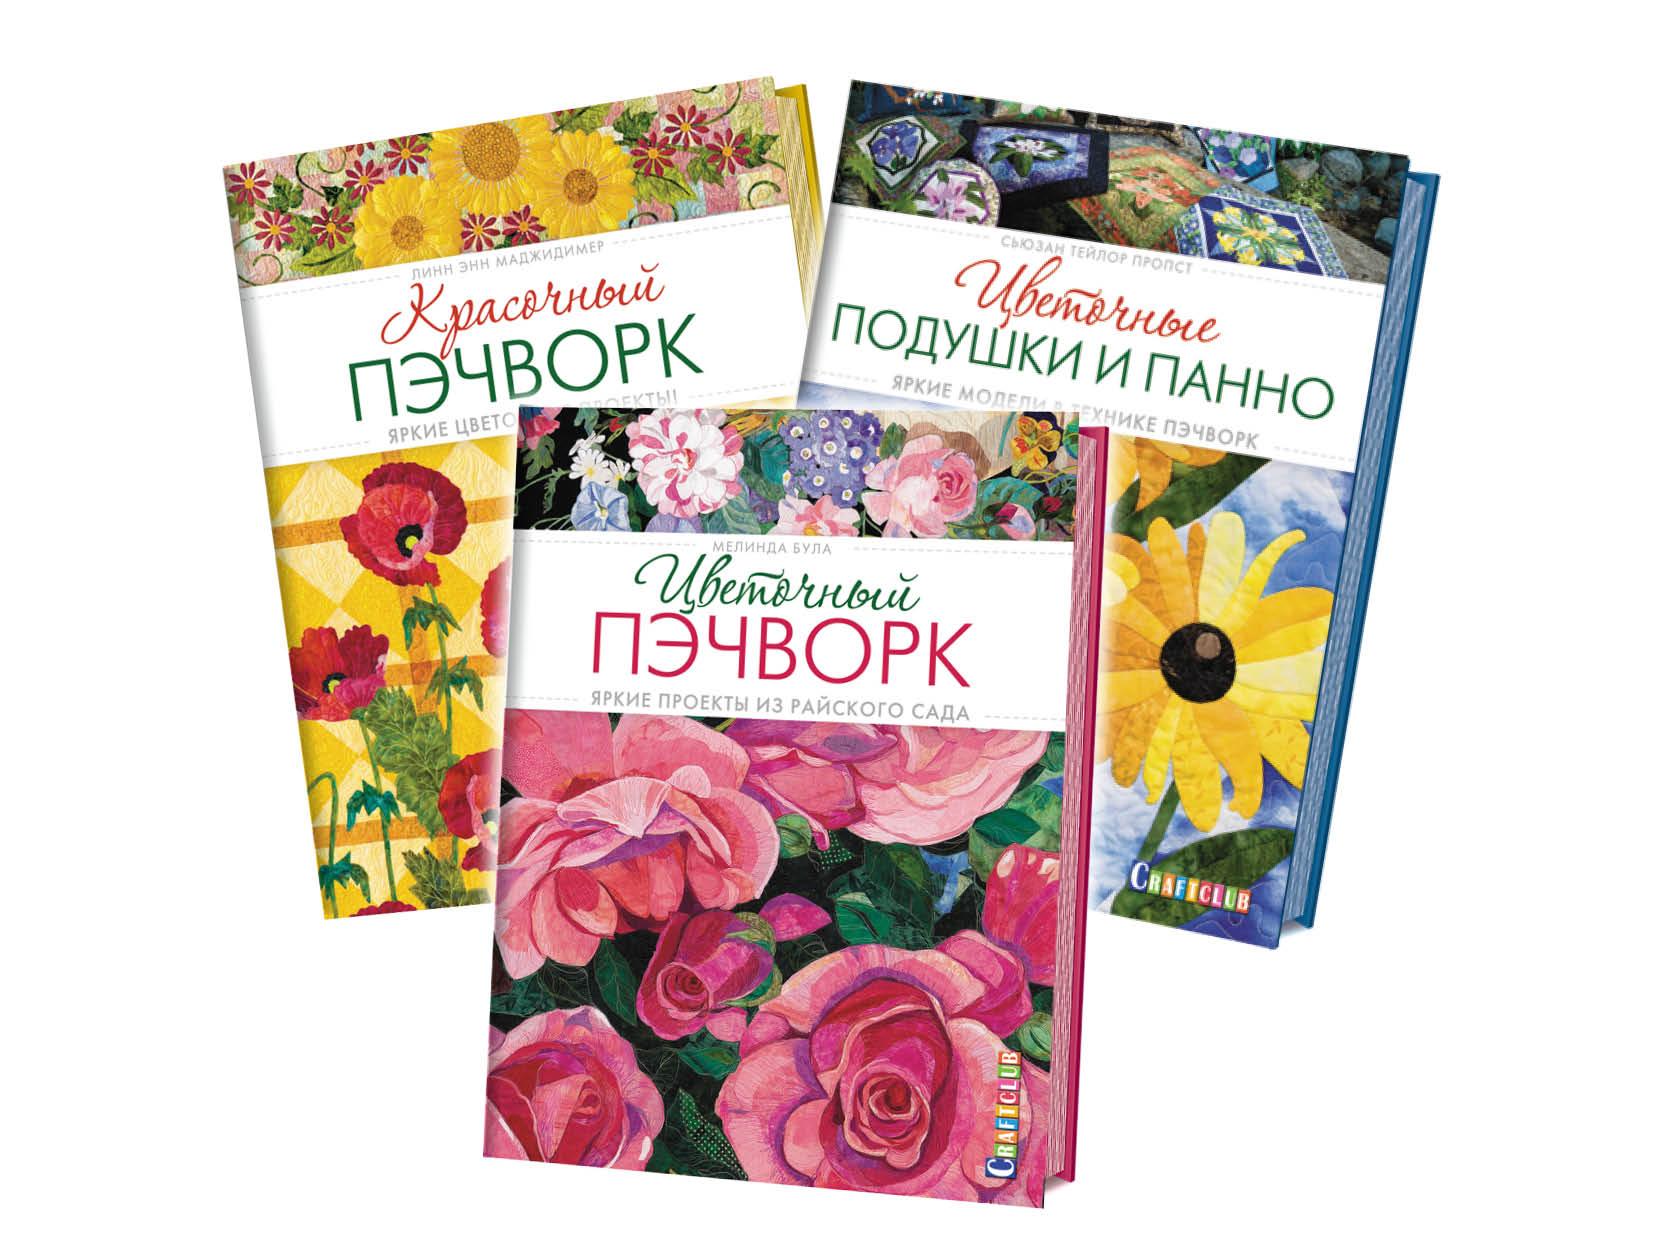 Красочный пэчворк (комплект из 3 книг)